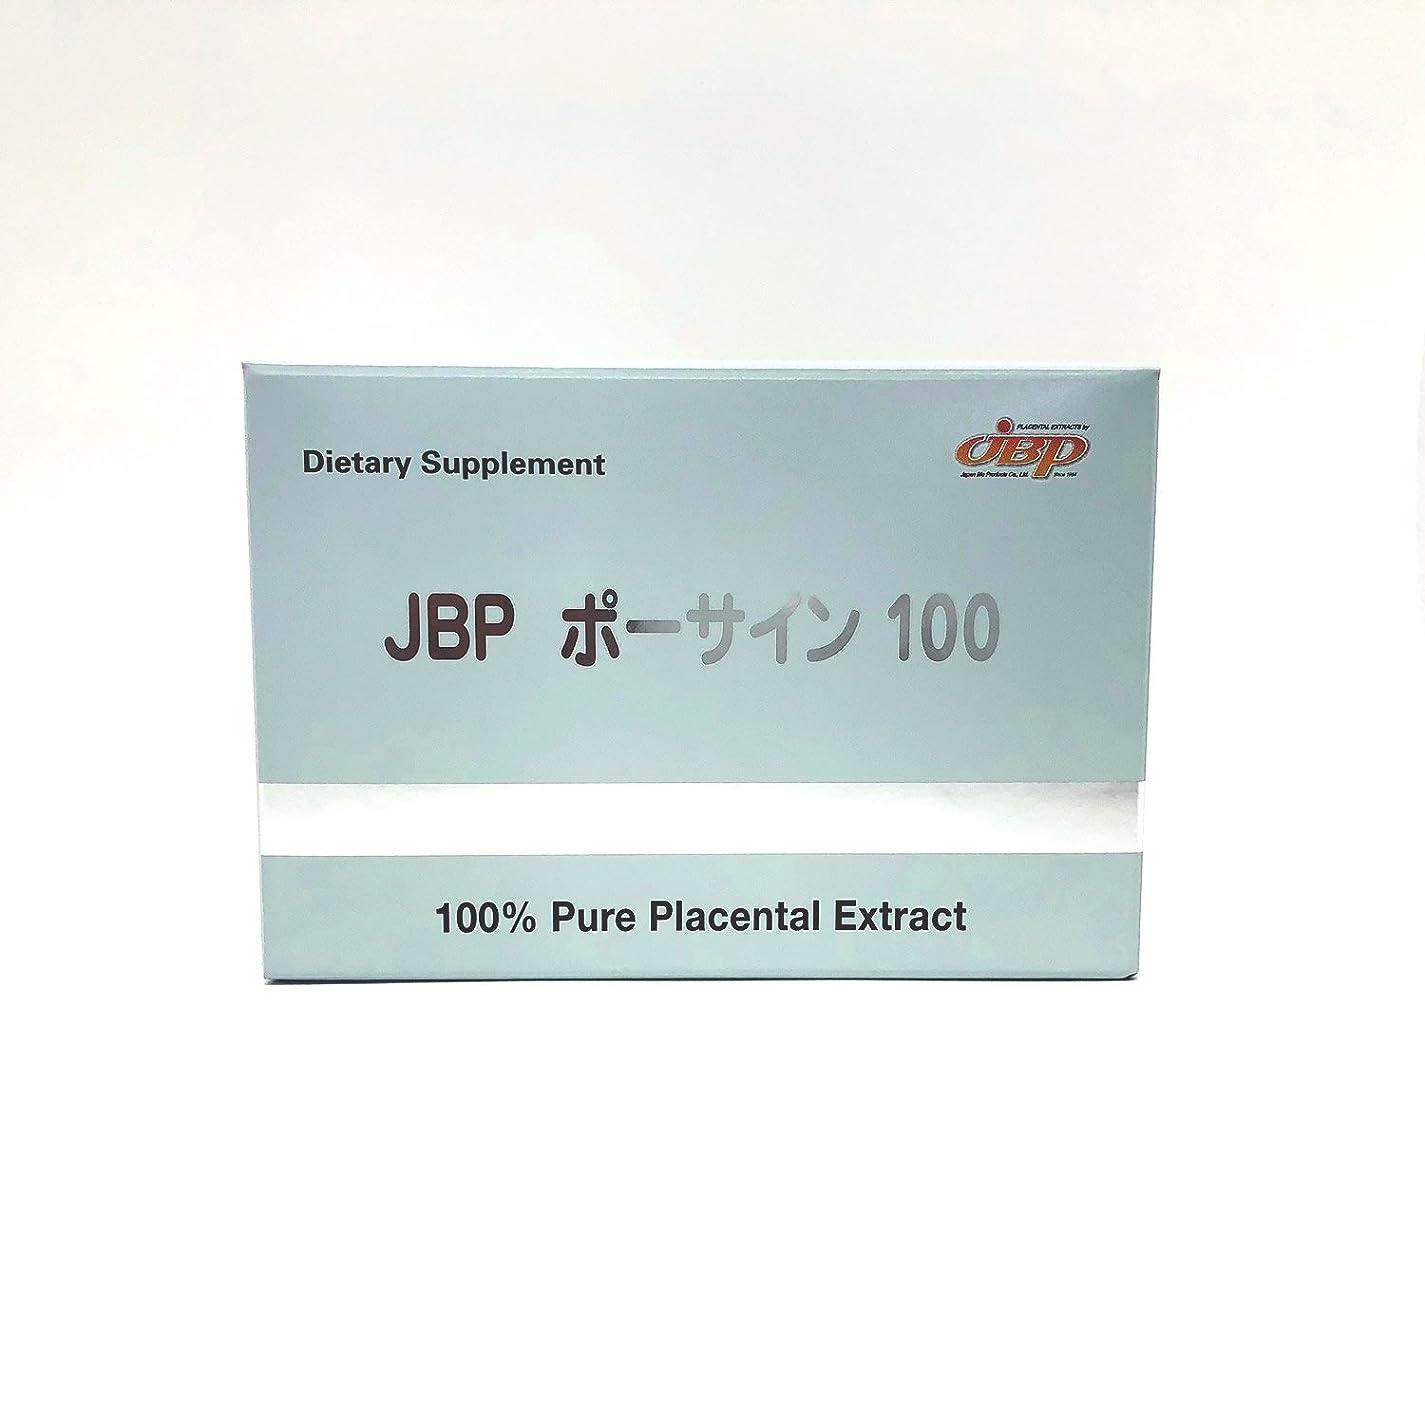 る文明化する逸話医療機関専門 プラセンタ サプリメント JBP ポーサイン100 1箱 (100粒入り)